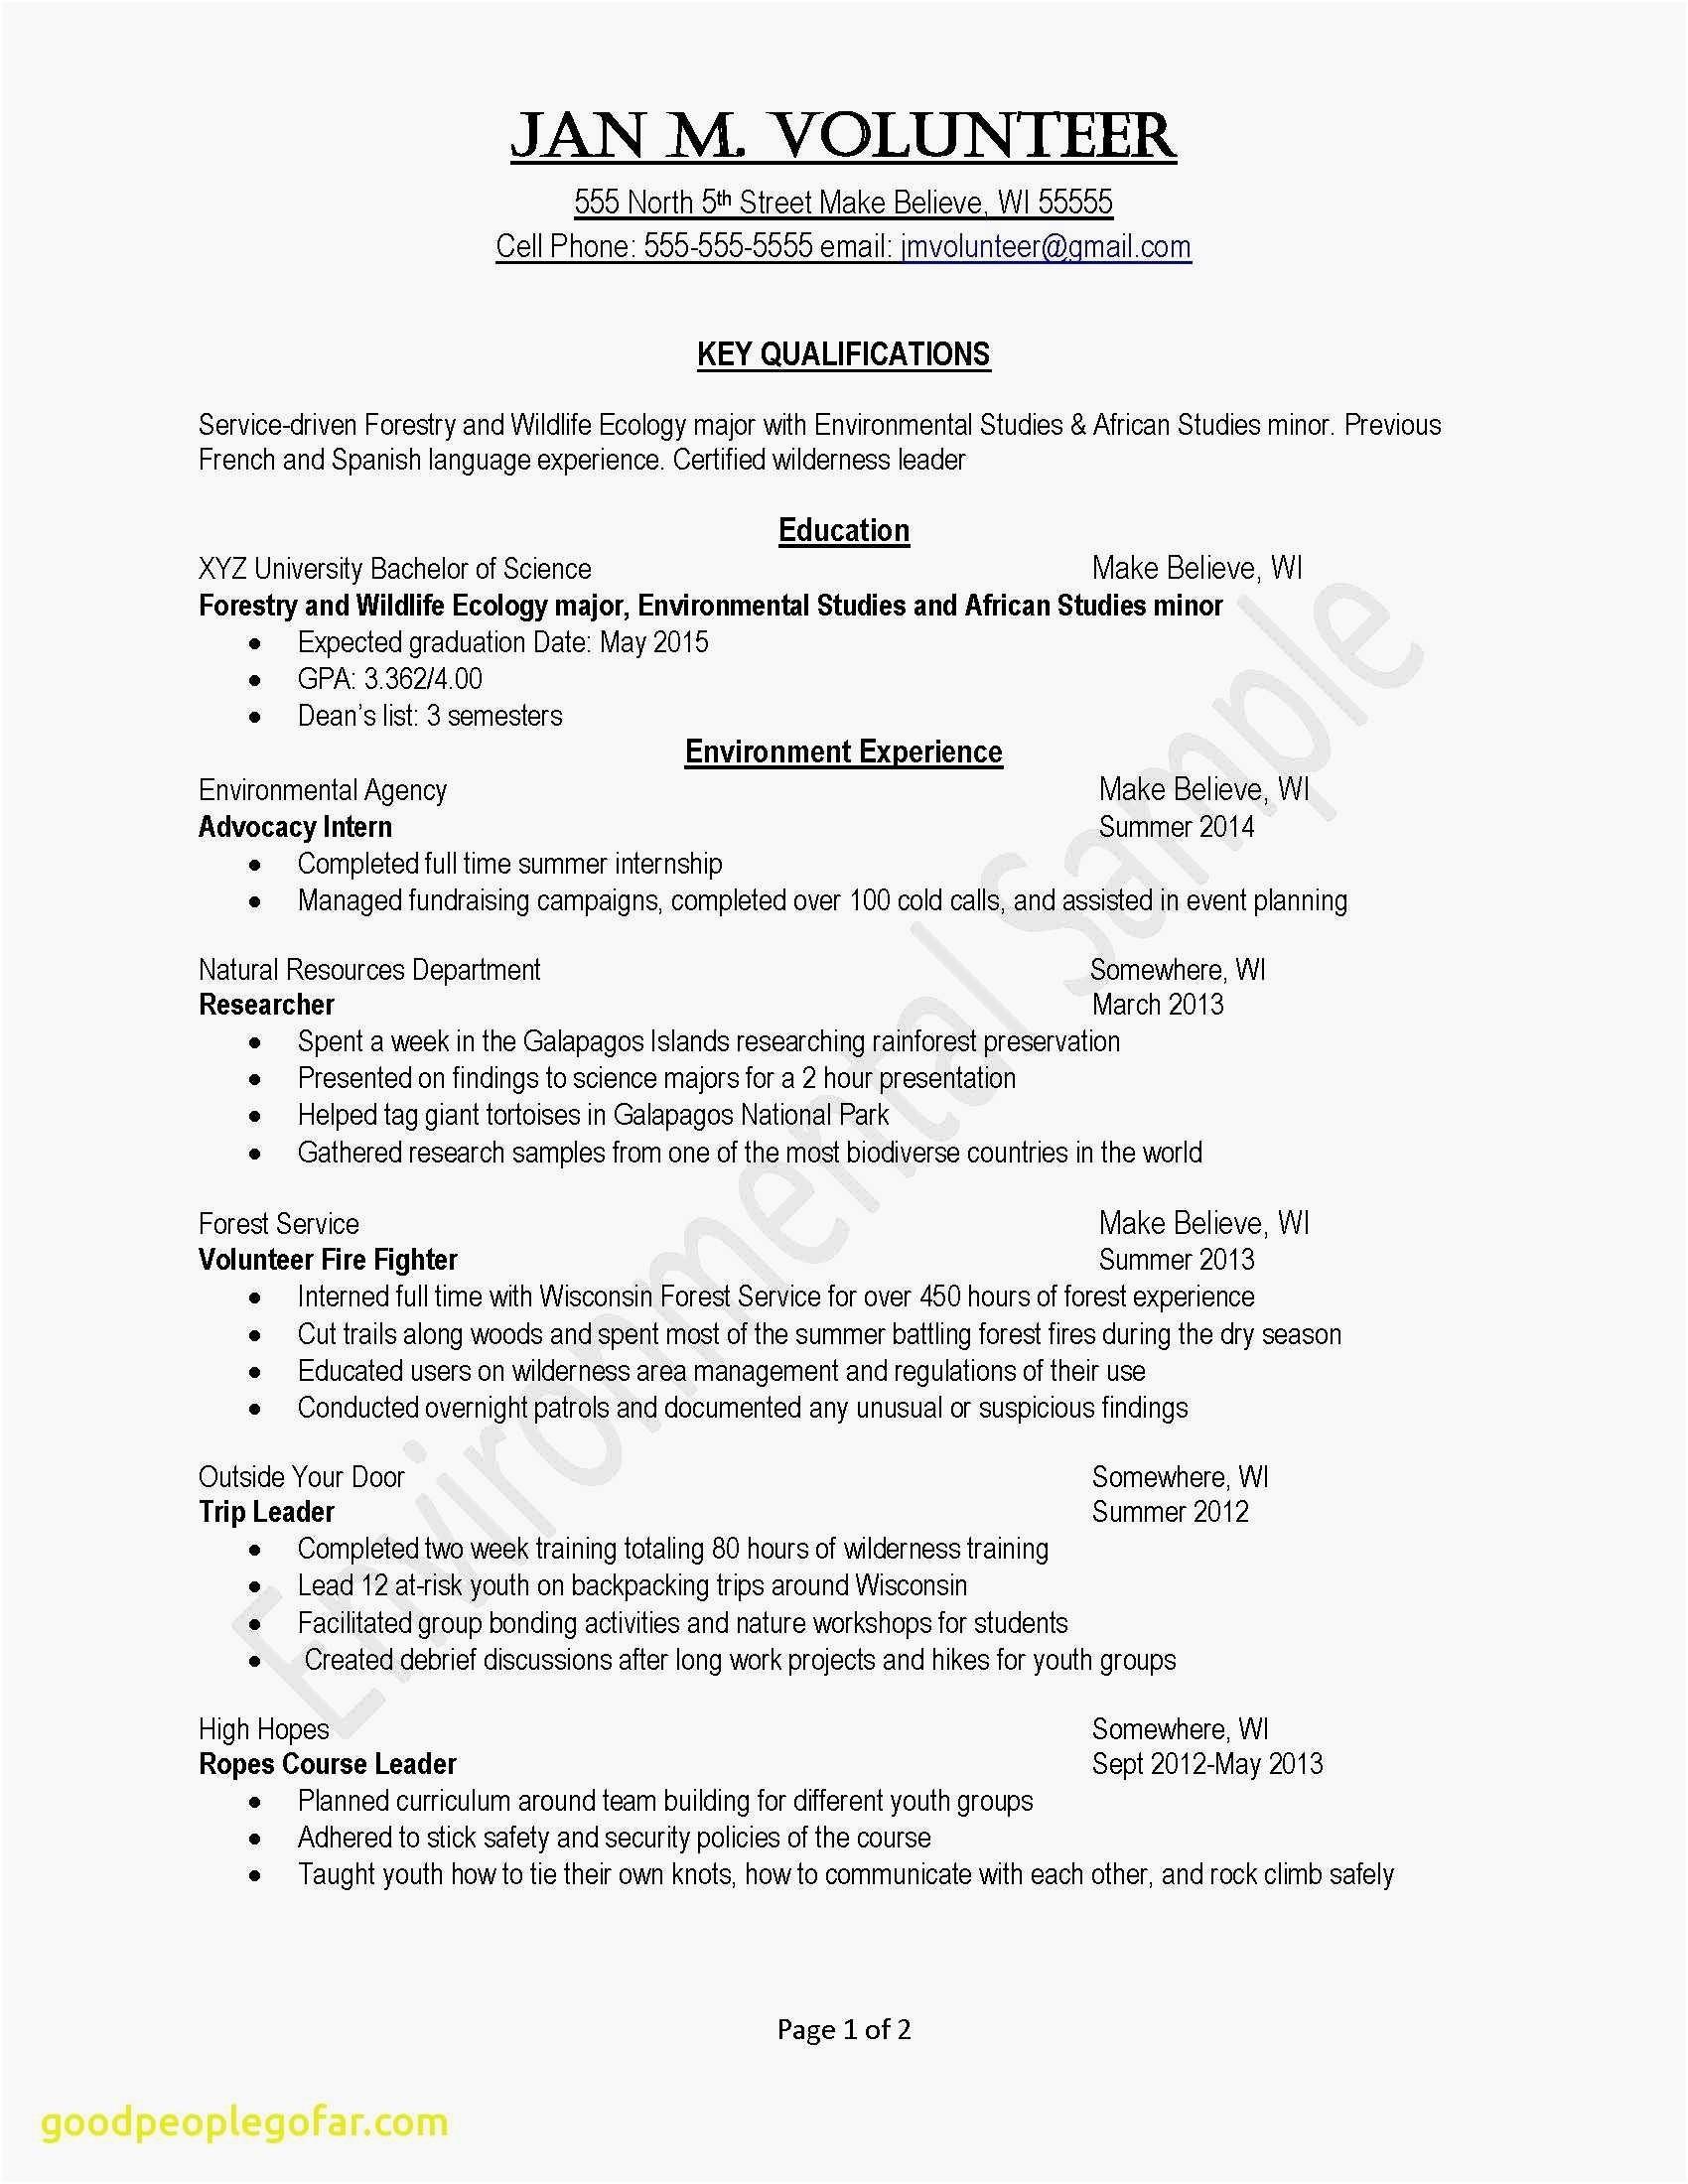 General Contractor Warranty Letter Template - General Contractor Resume Elegant New format Resume Aurelianmg